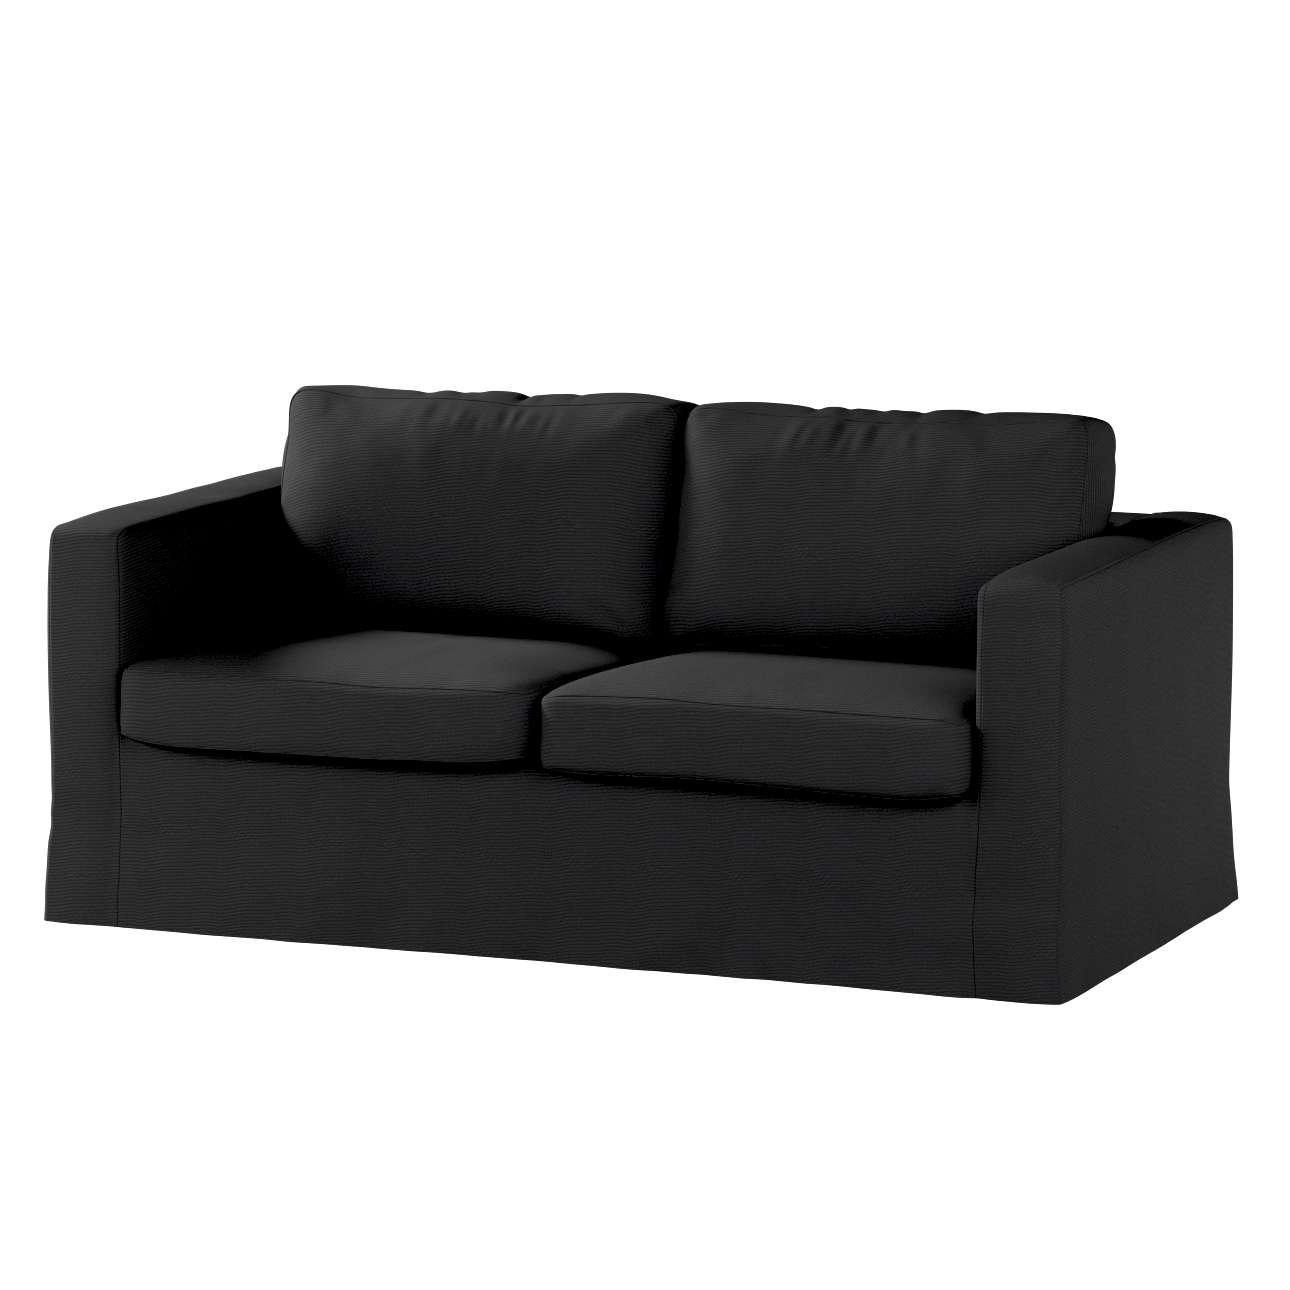 Pokrowiec na sofę Karlstad 2-osobową nierozkładaną długi Sofa Karlstad 2-osobowa w kolekcji Etna , tkanina: 705-00